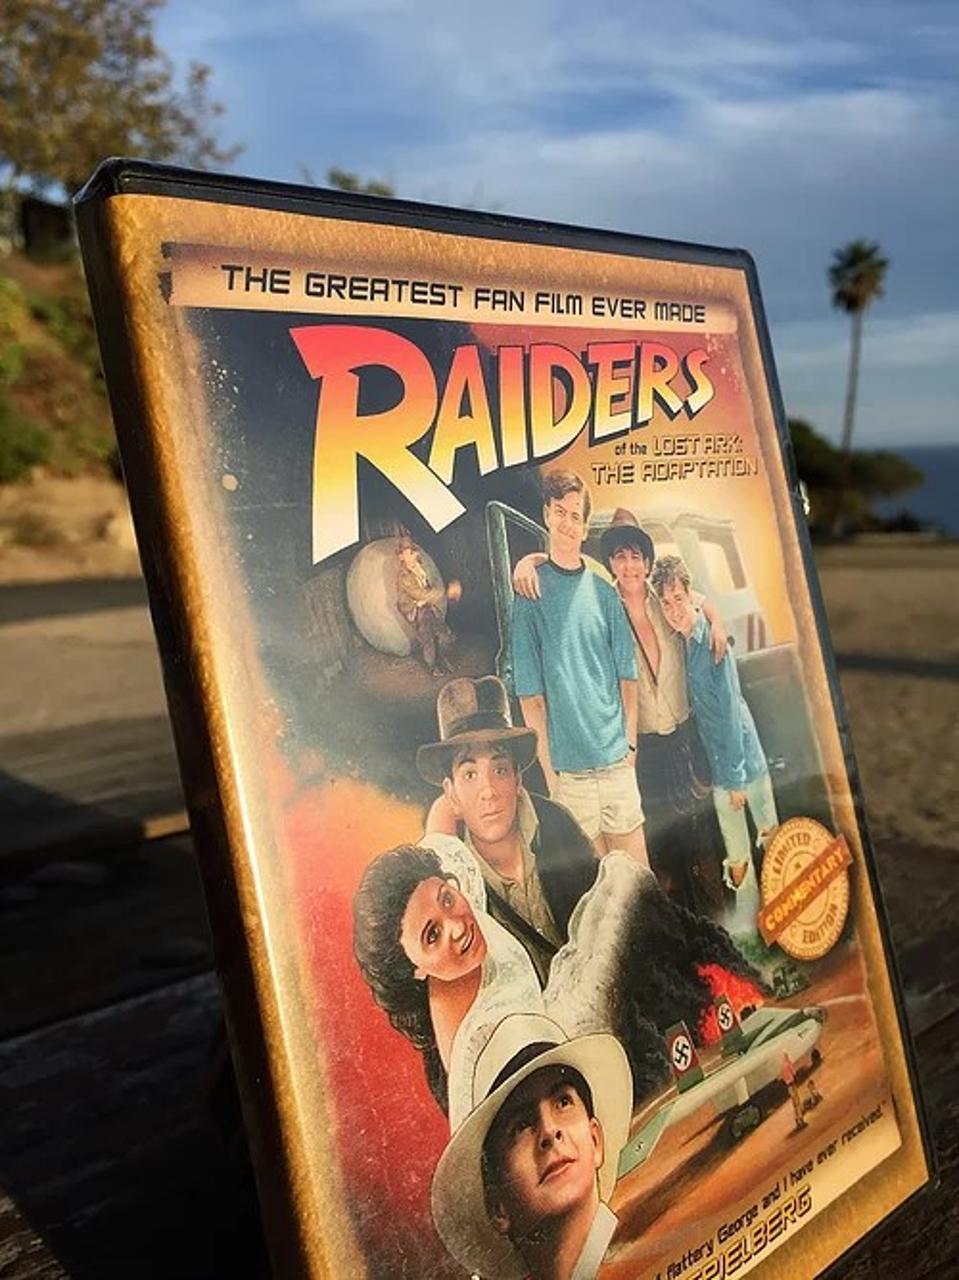 Raiders Fan Film by Eric Zala